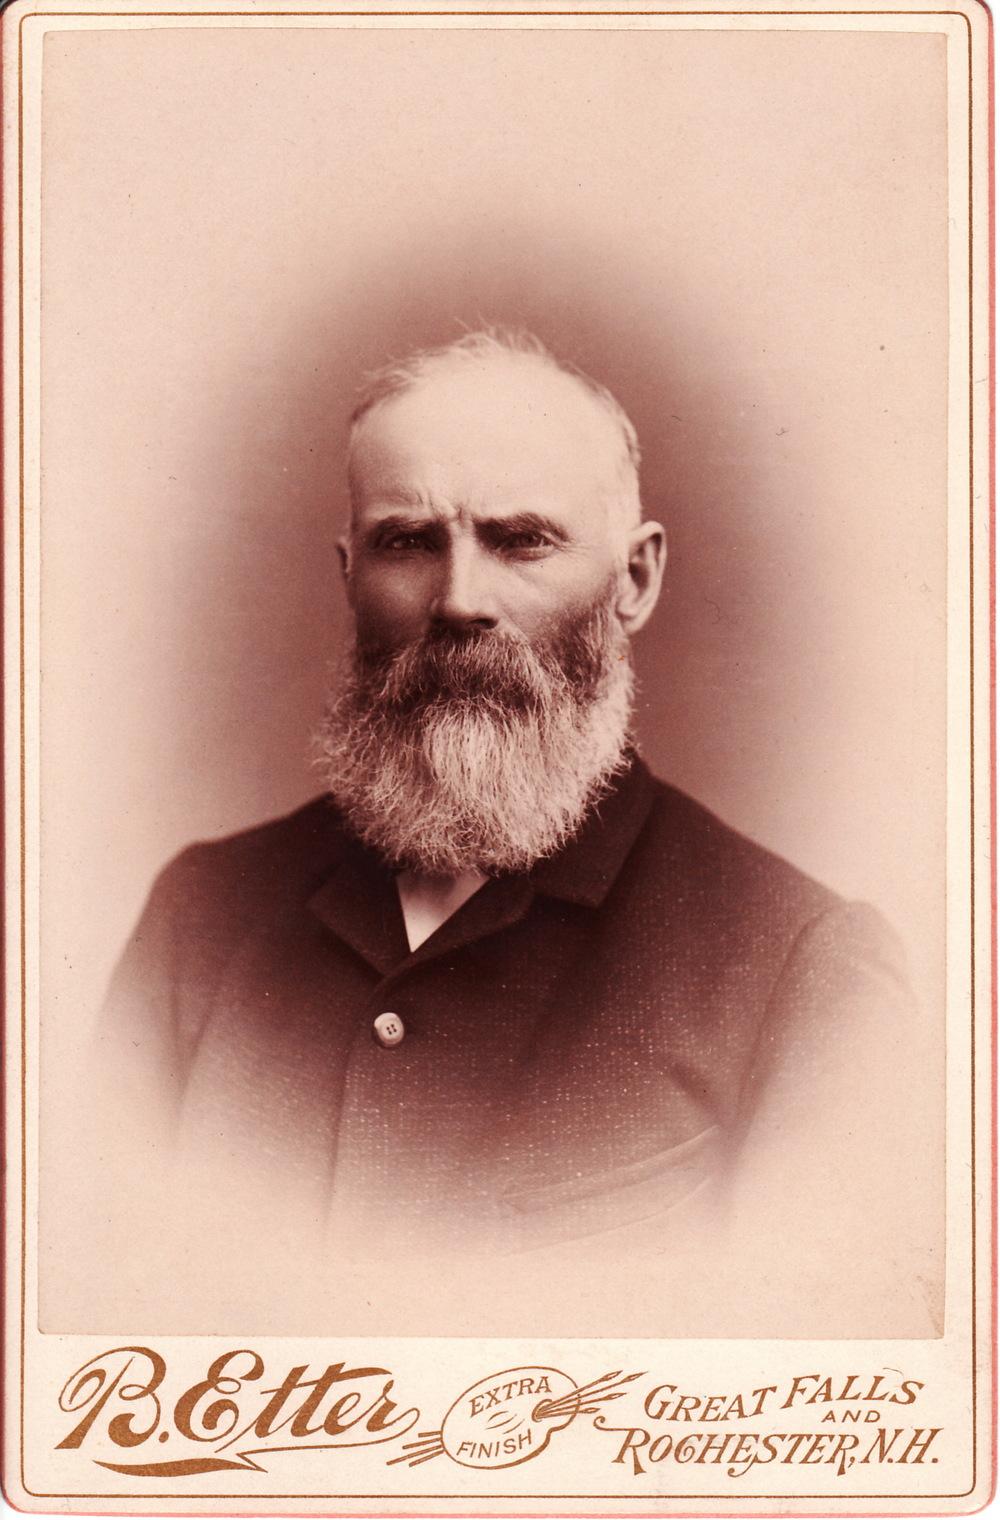 Victorian beard